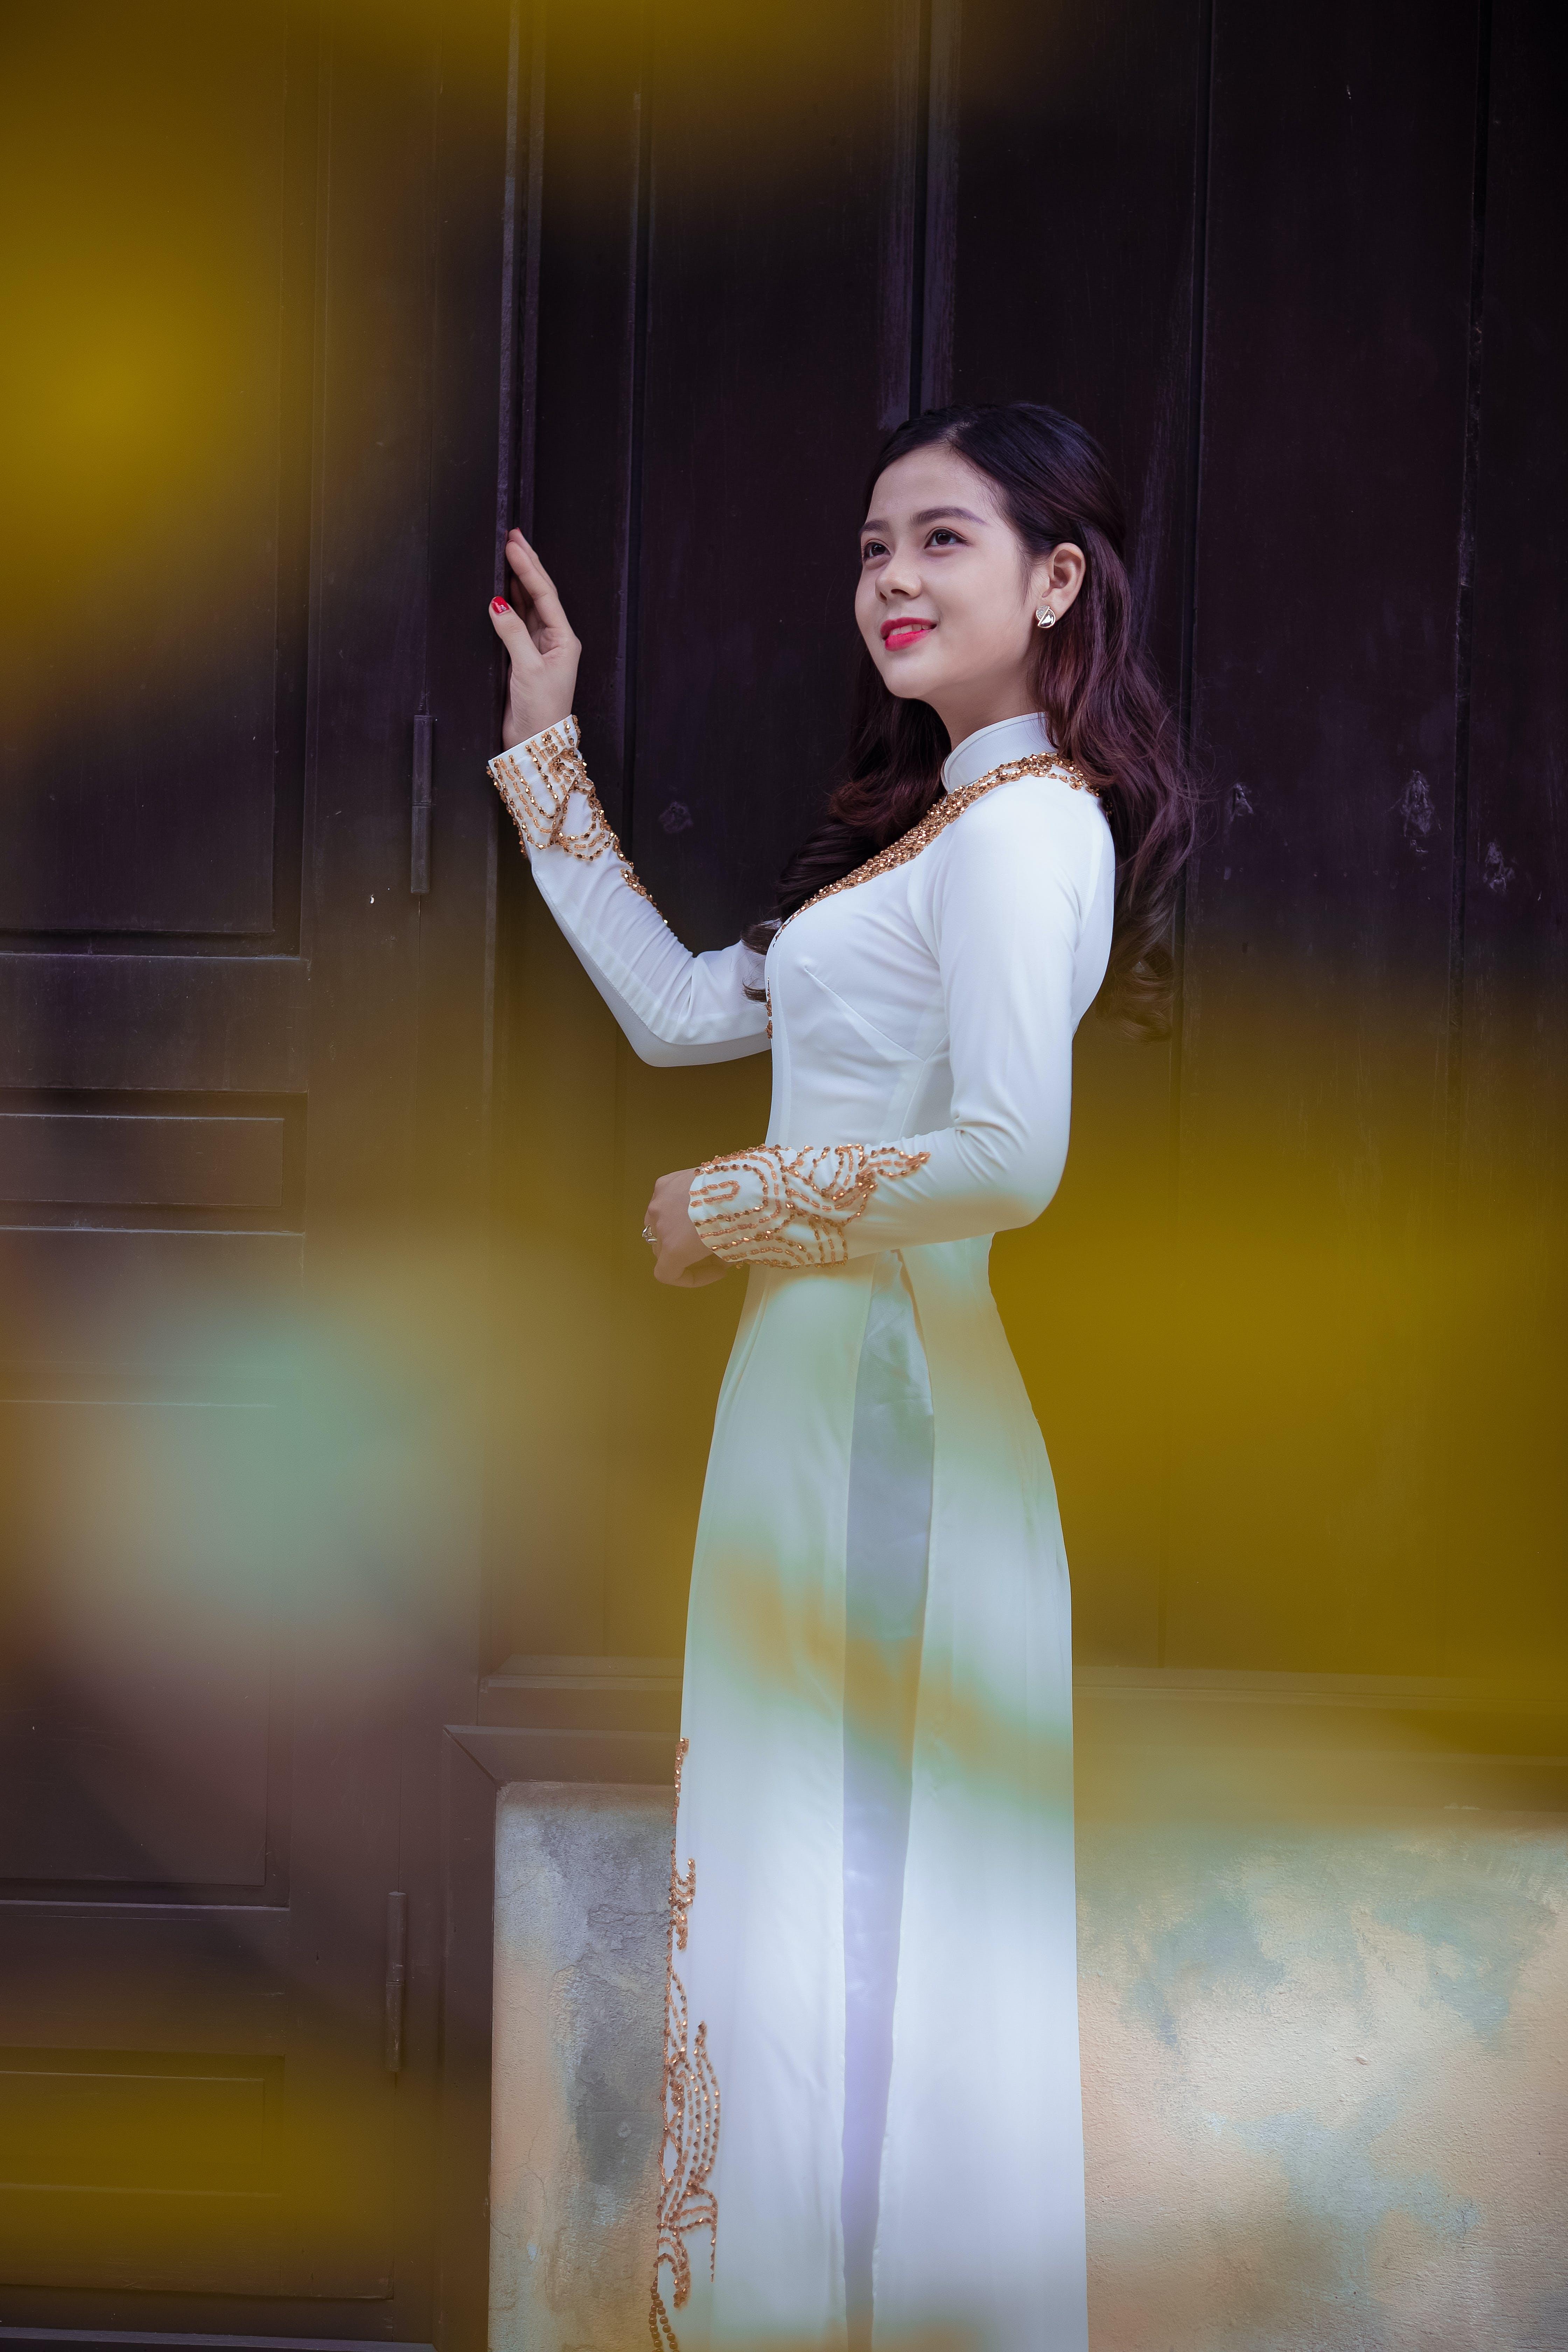 Woman Smiling Holding Door